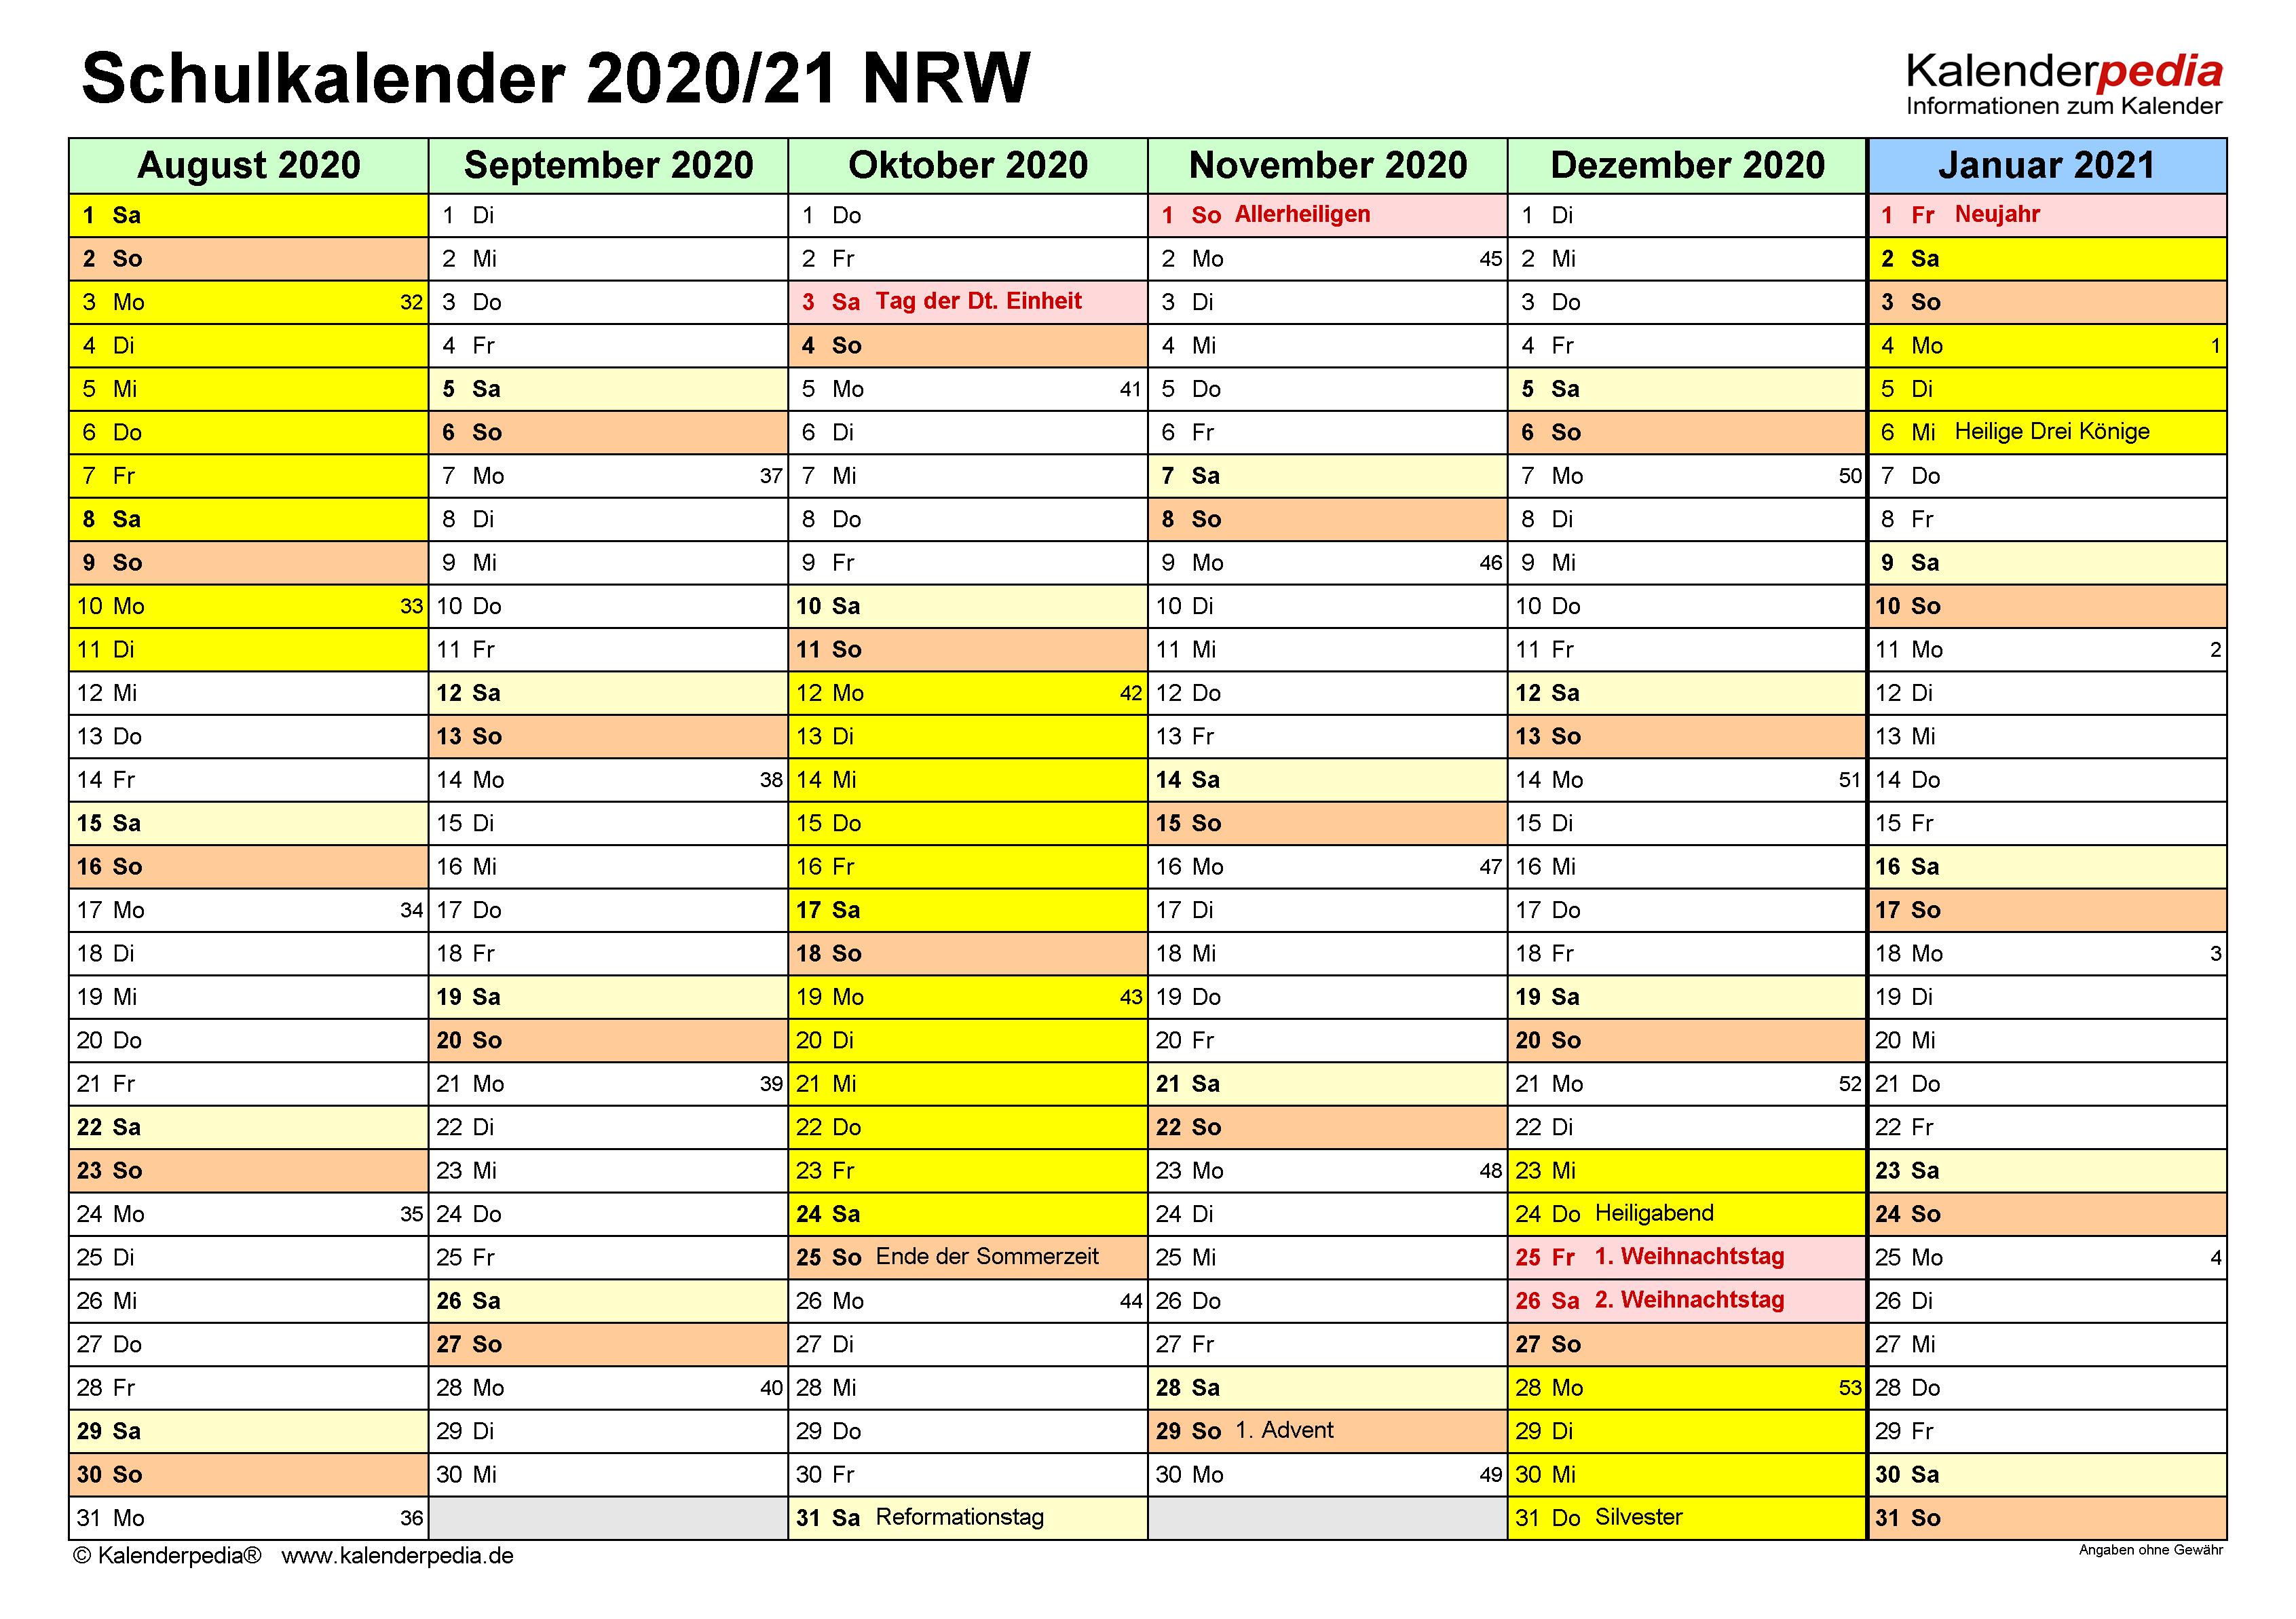 Ferien Nrw 2019 Sommer Kalender 2018 Ferien Nordrhein 2019